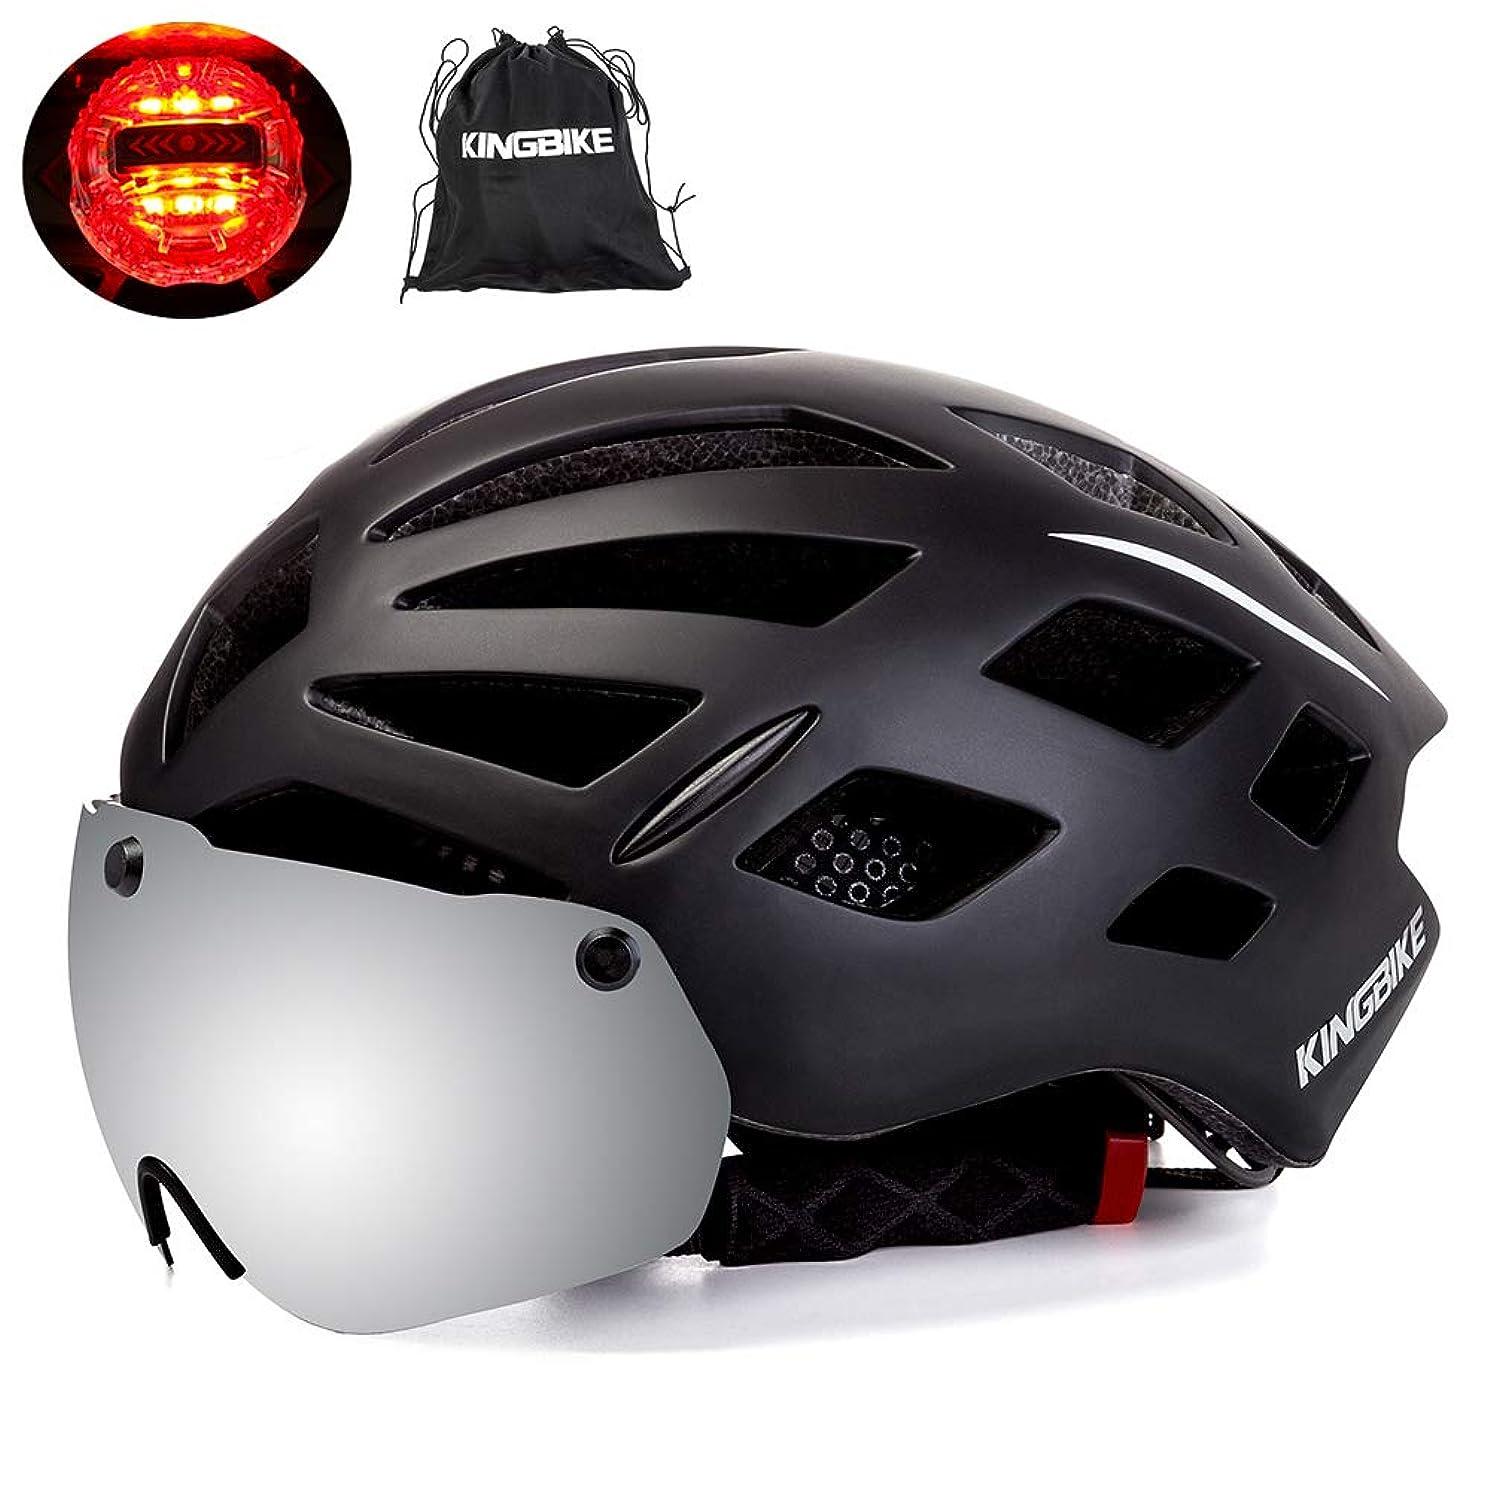 分布財政ぜいたくKINGBIKE DOT自転車用ヘルメット取り外し可能磁気シールド付きアイシールドゴーグル(100%UV400保護)+ヘルメットバックパックメンズレディース,3モードリアセーフティLEDライト,26通気孔,2サイズ M/L/XL(56-63CM)(CPSC認証済み)